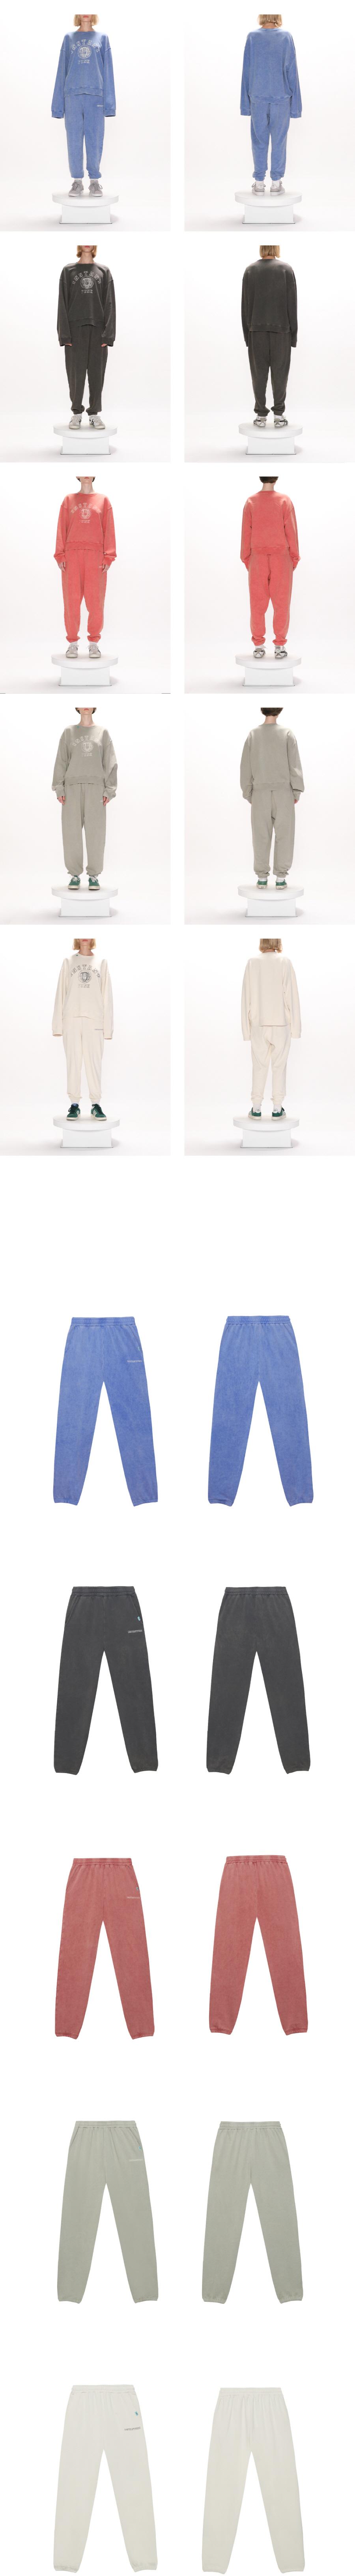 인스턴트펑크(INSTANTFUNK) 21FW 피그먼트 스탠다드 스웨트 팬츠 - 블루